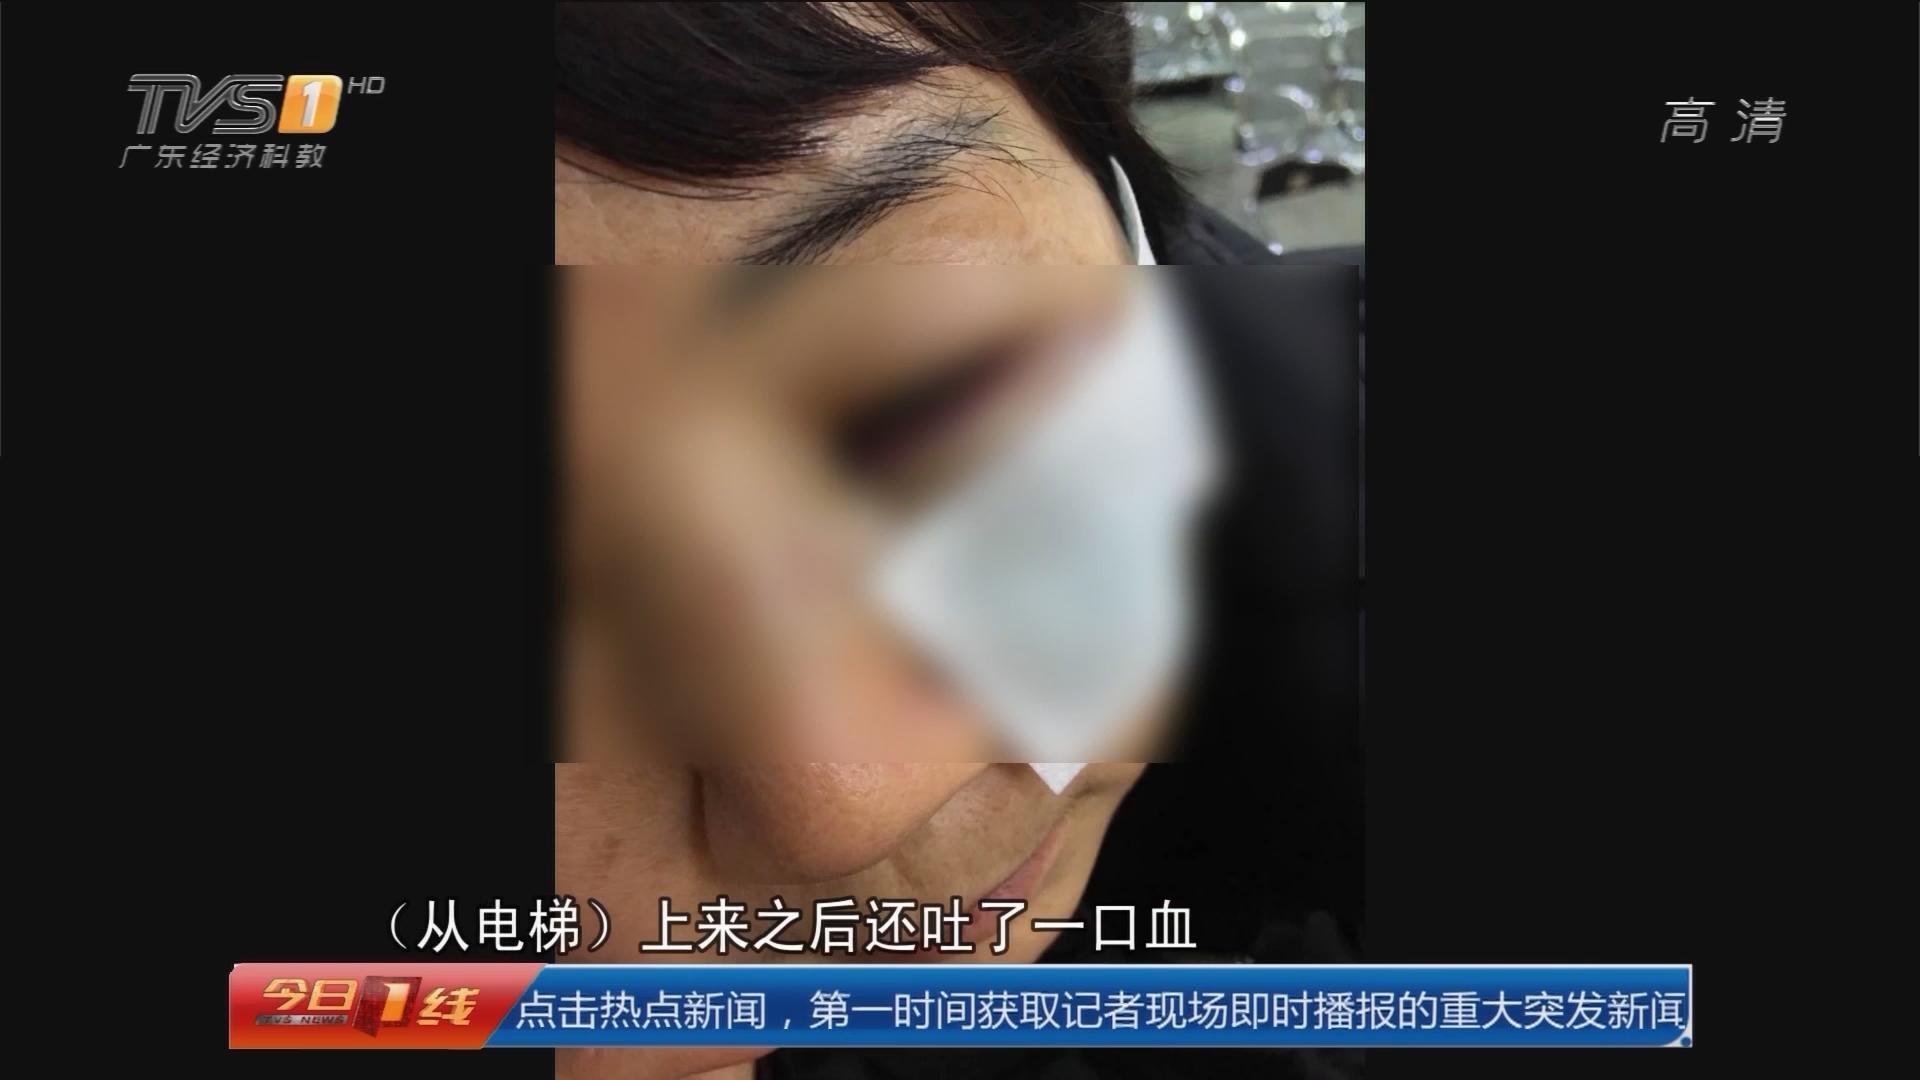 广州:商场内天降消防面具 砸中顾客